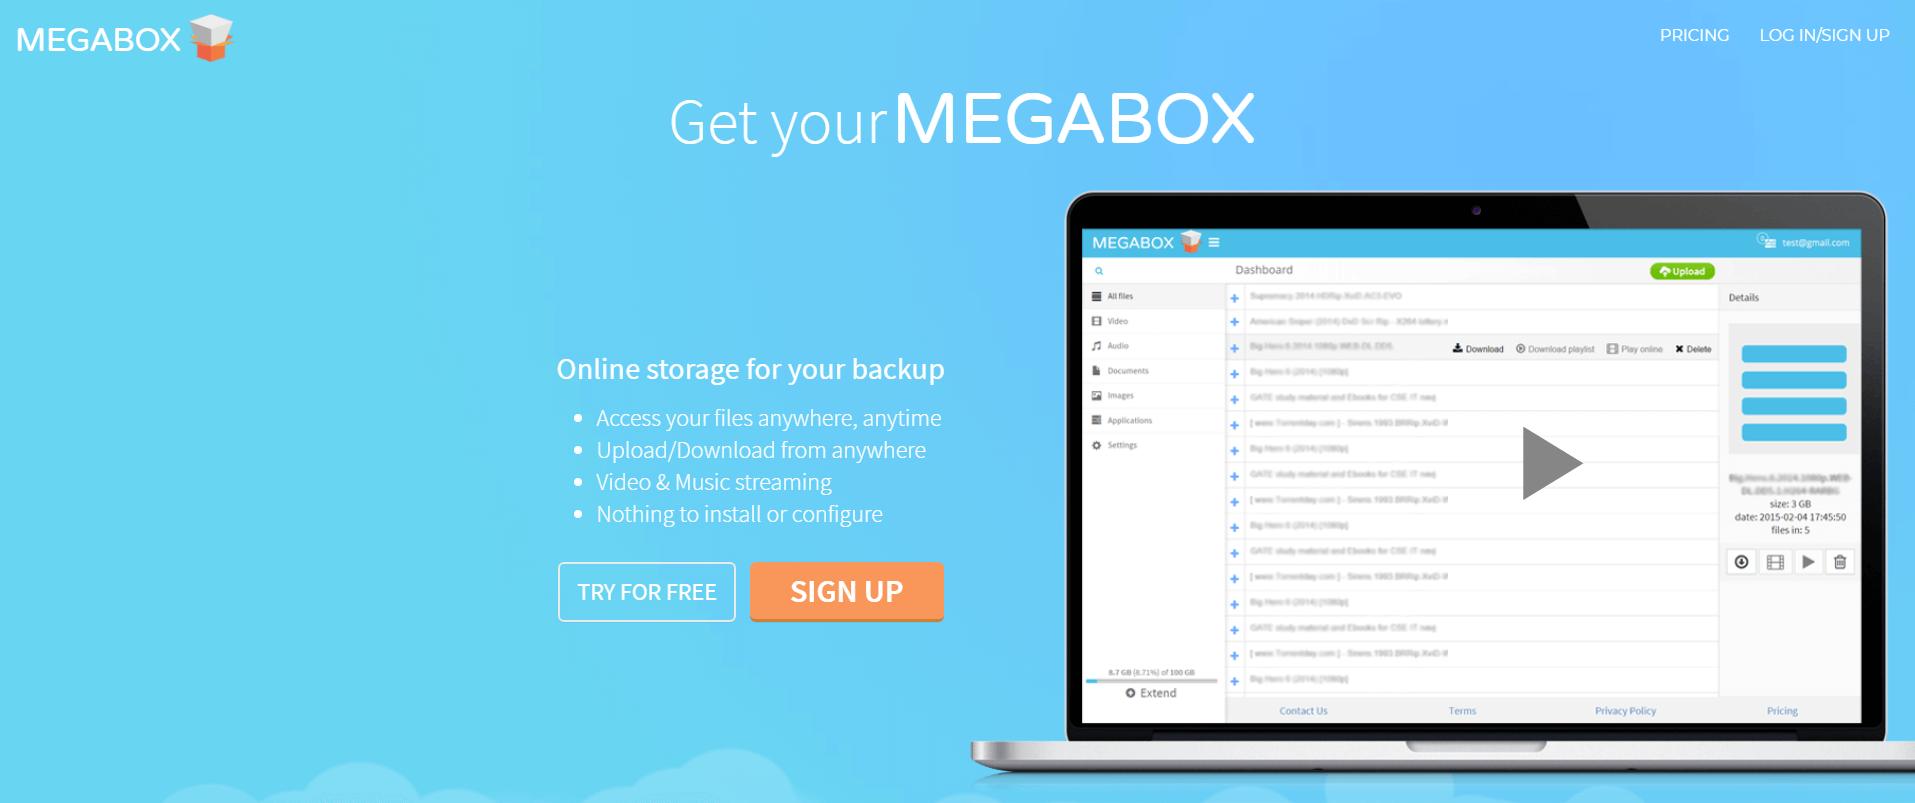 Megabox Preview